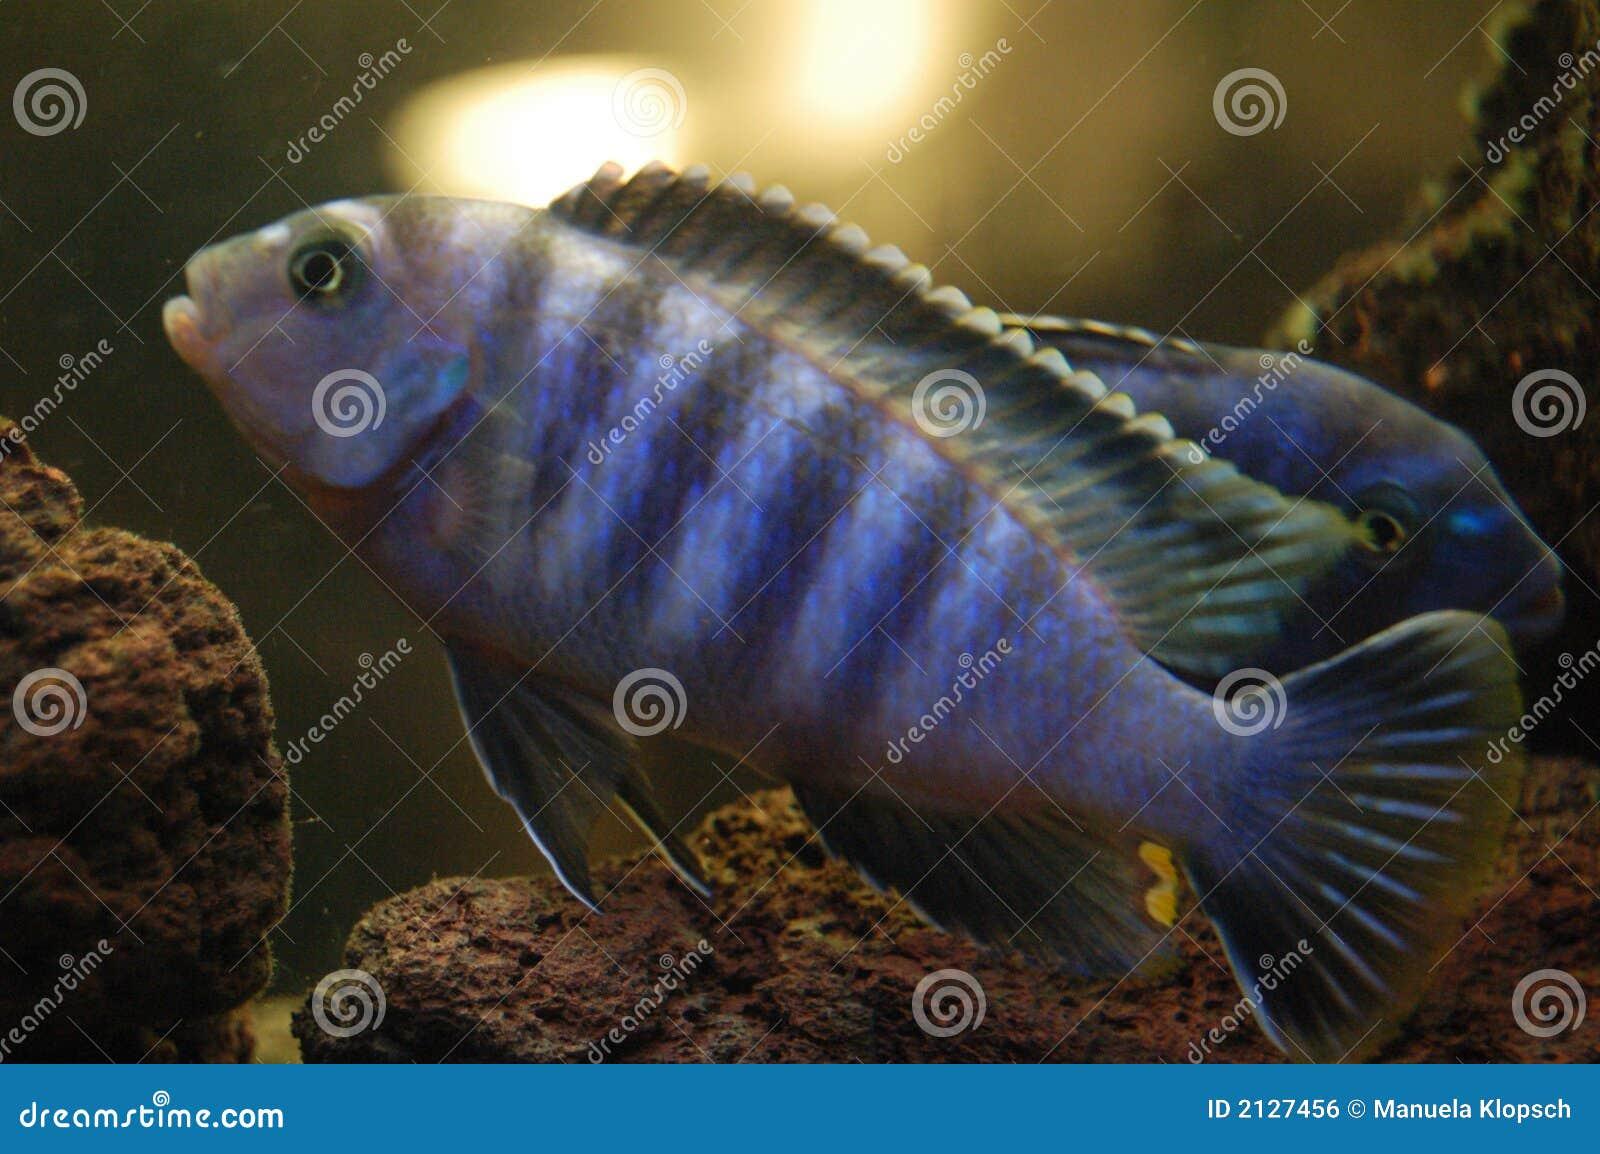 fische von malawi stockfoto bild von afrika aquarium 2127456. Black Bedroom Furniture Sets. Home Design Ideas